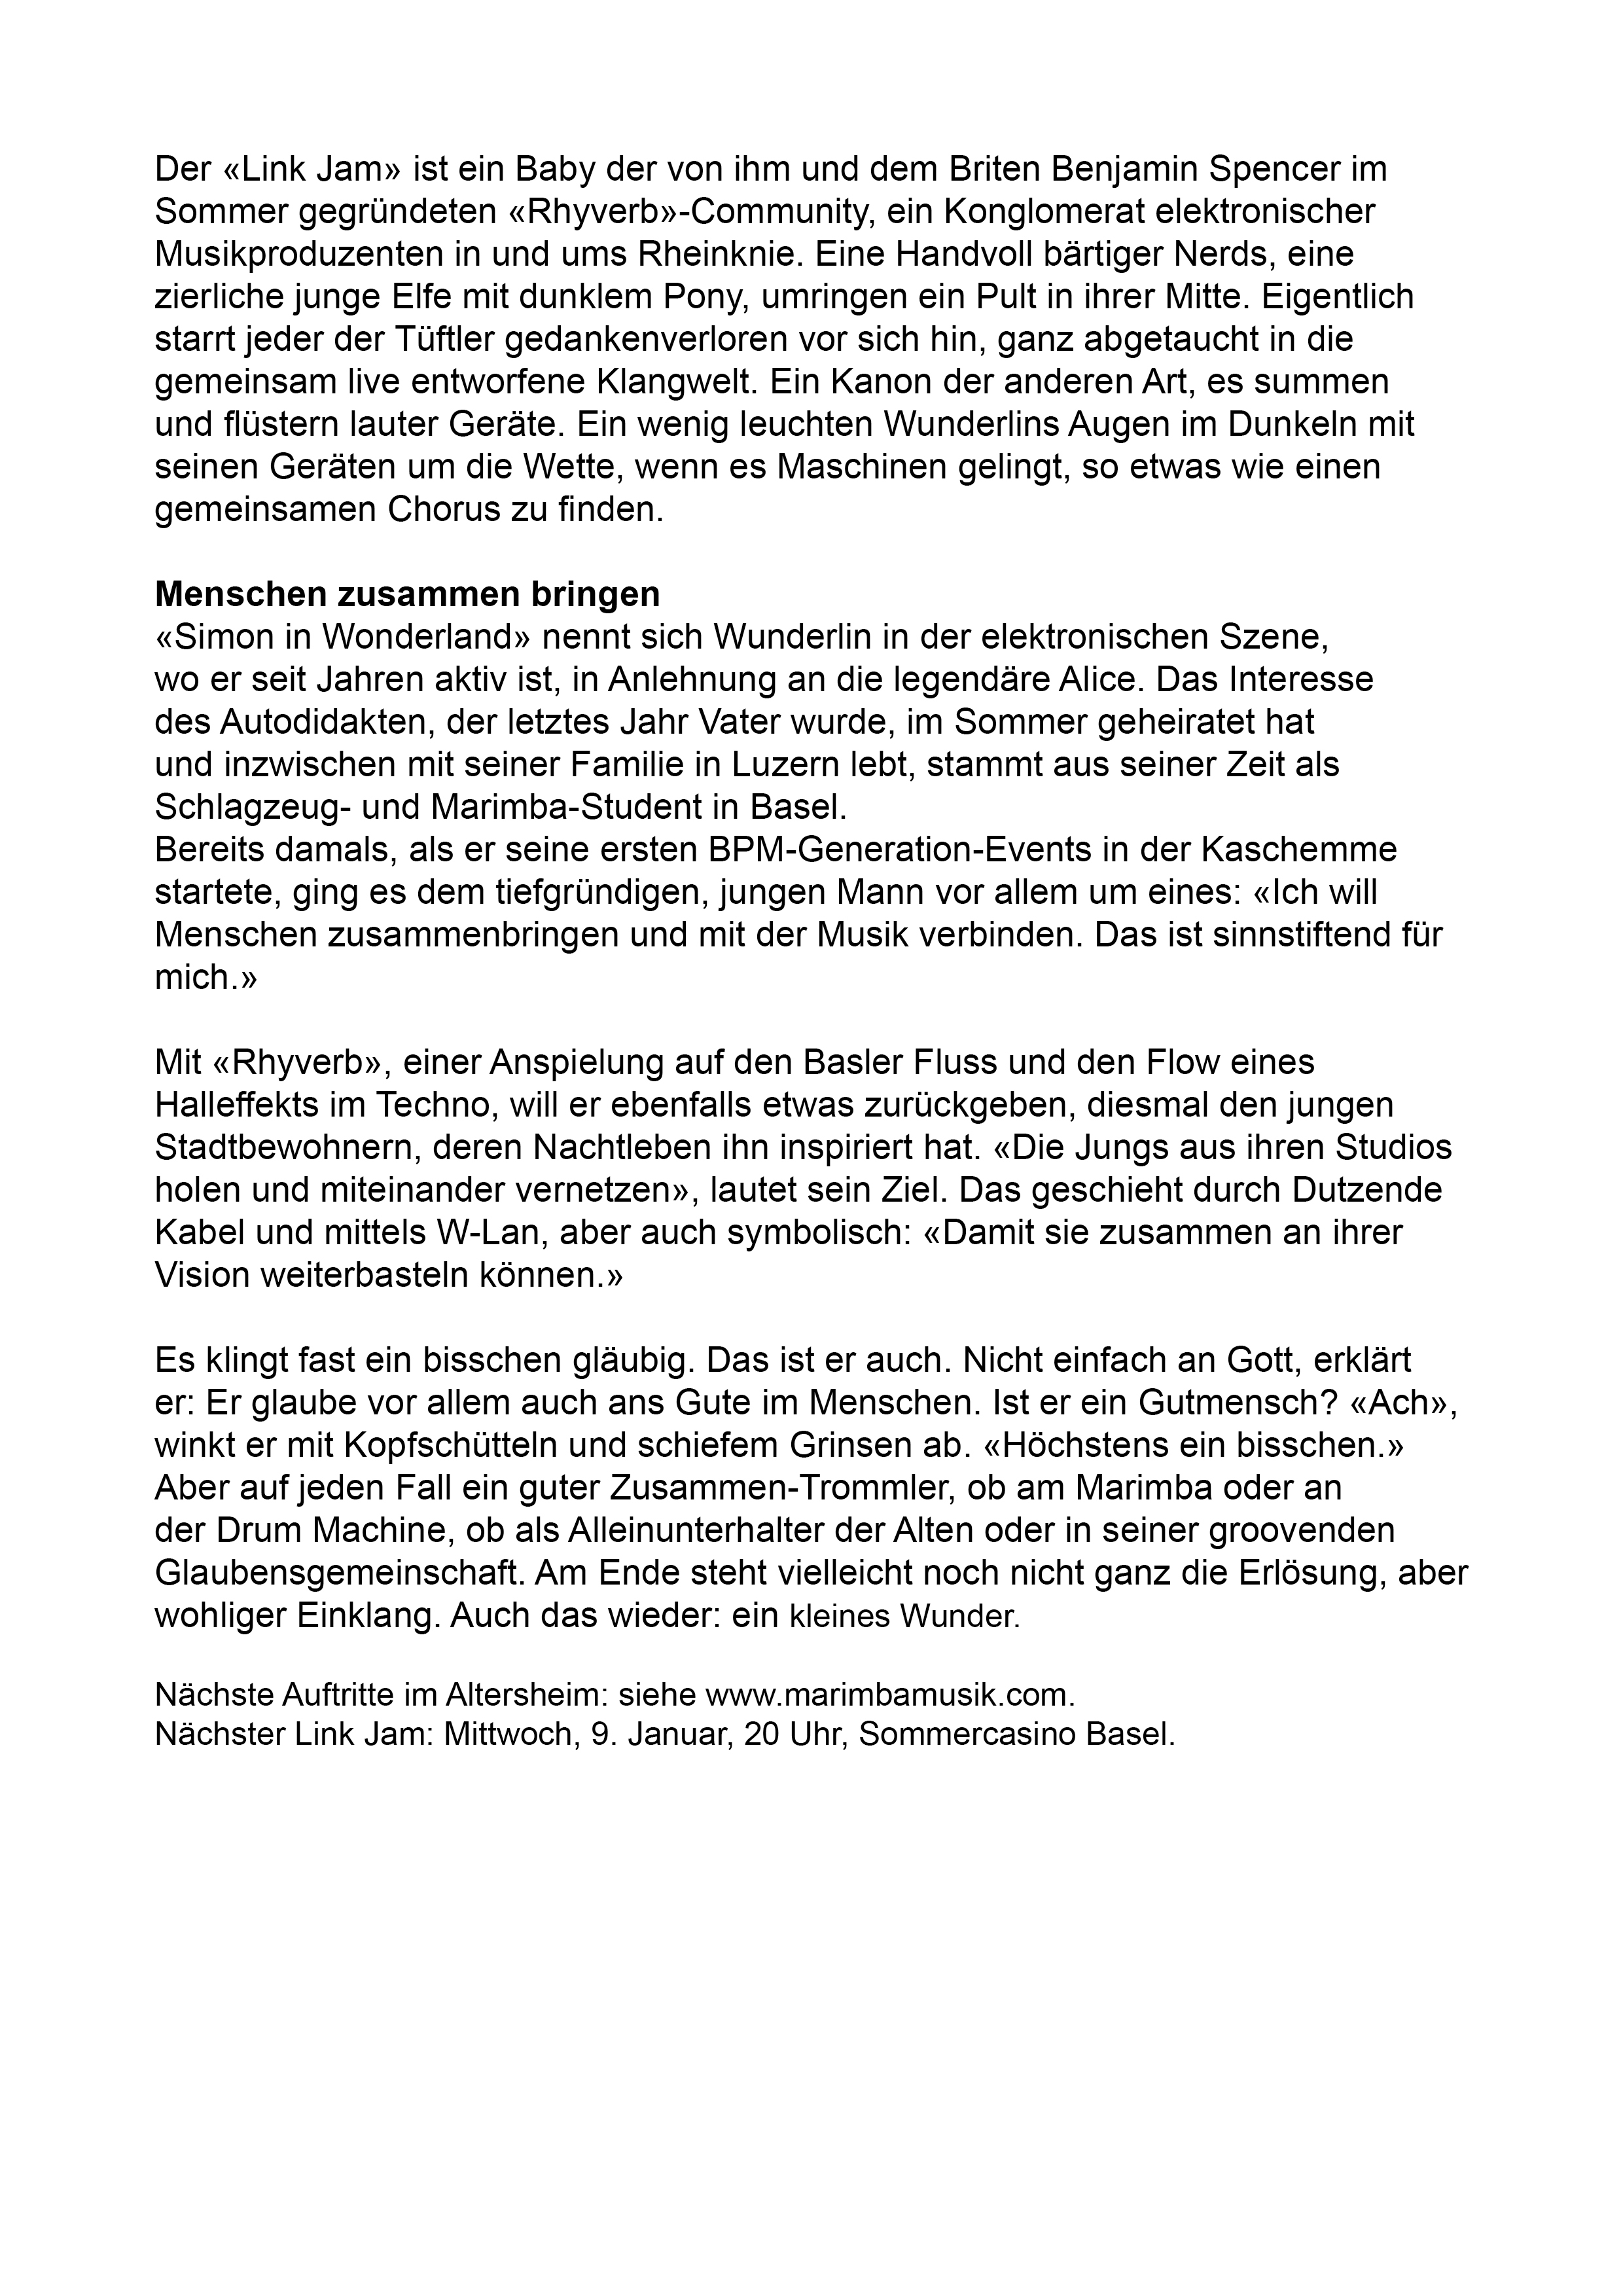 Zeitungsberichte3.jpg